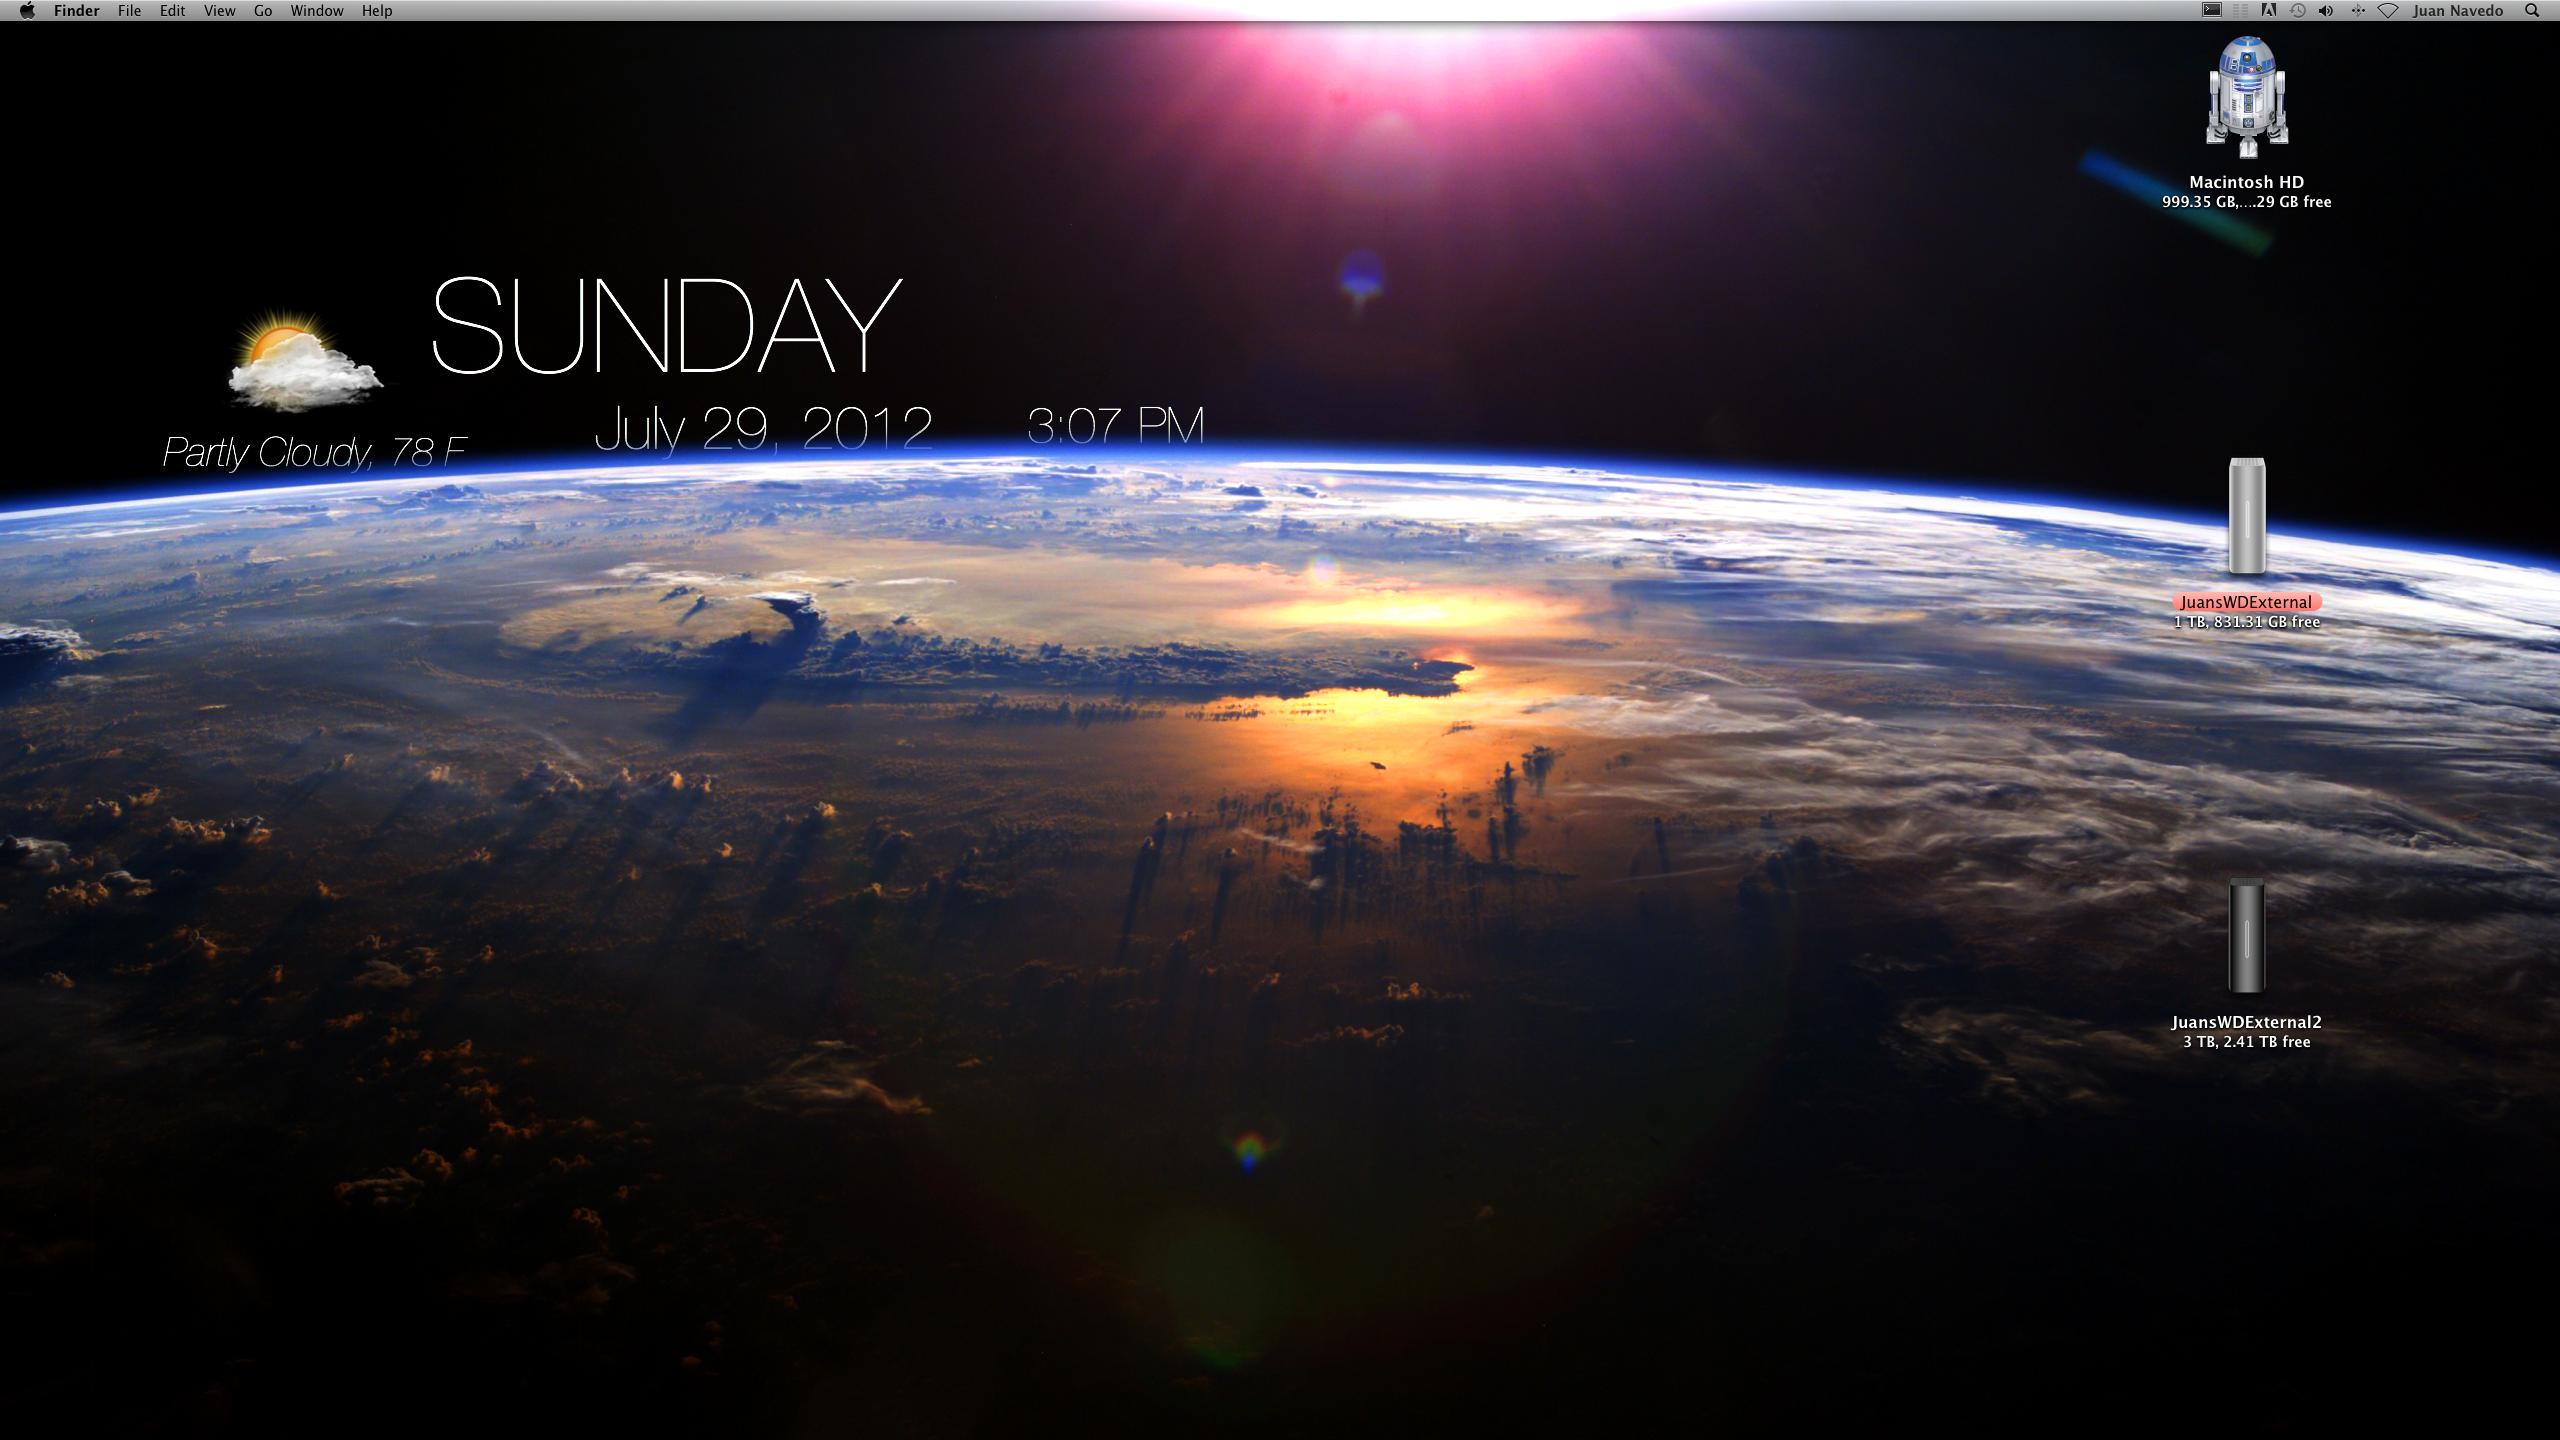 wwwwallpapers in hdcomphotolive wallpaper for desktop2html 2560x1440